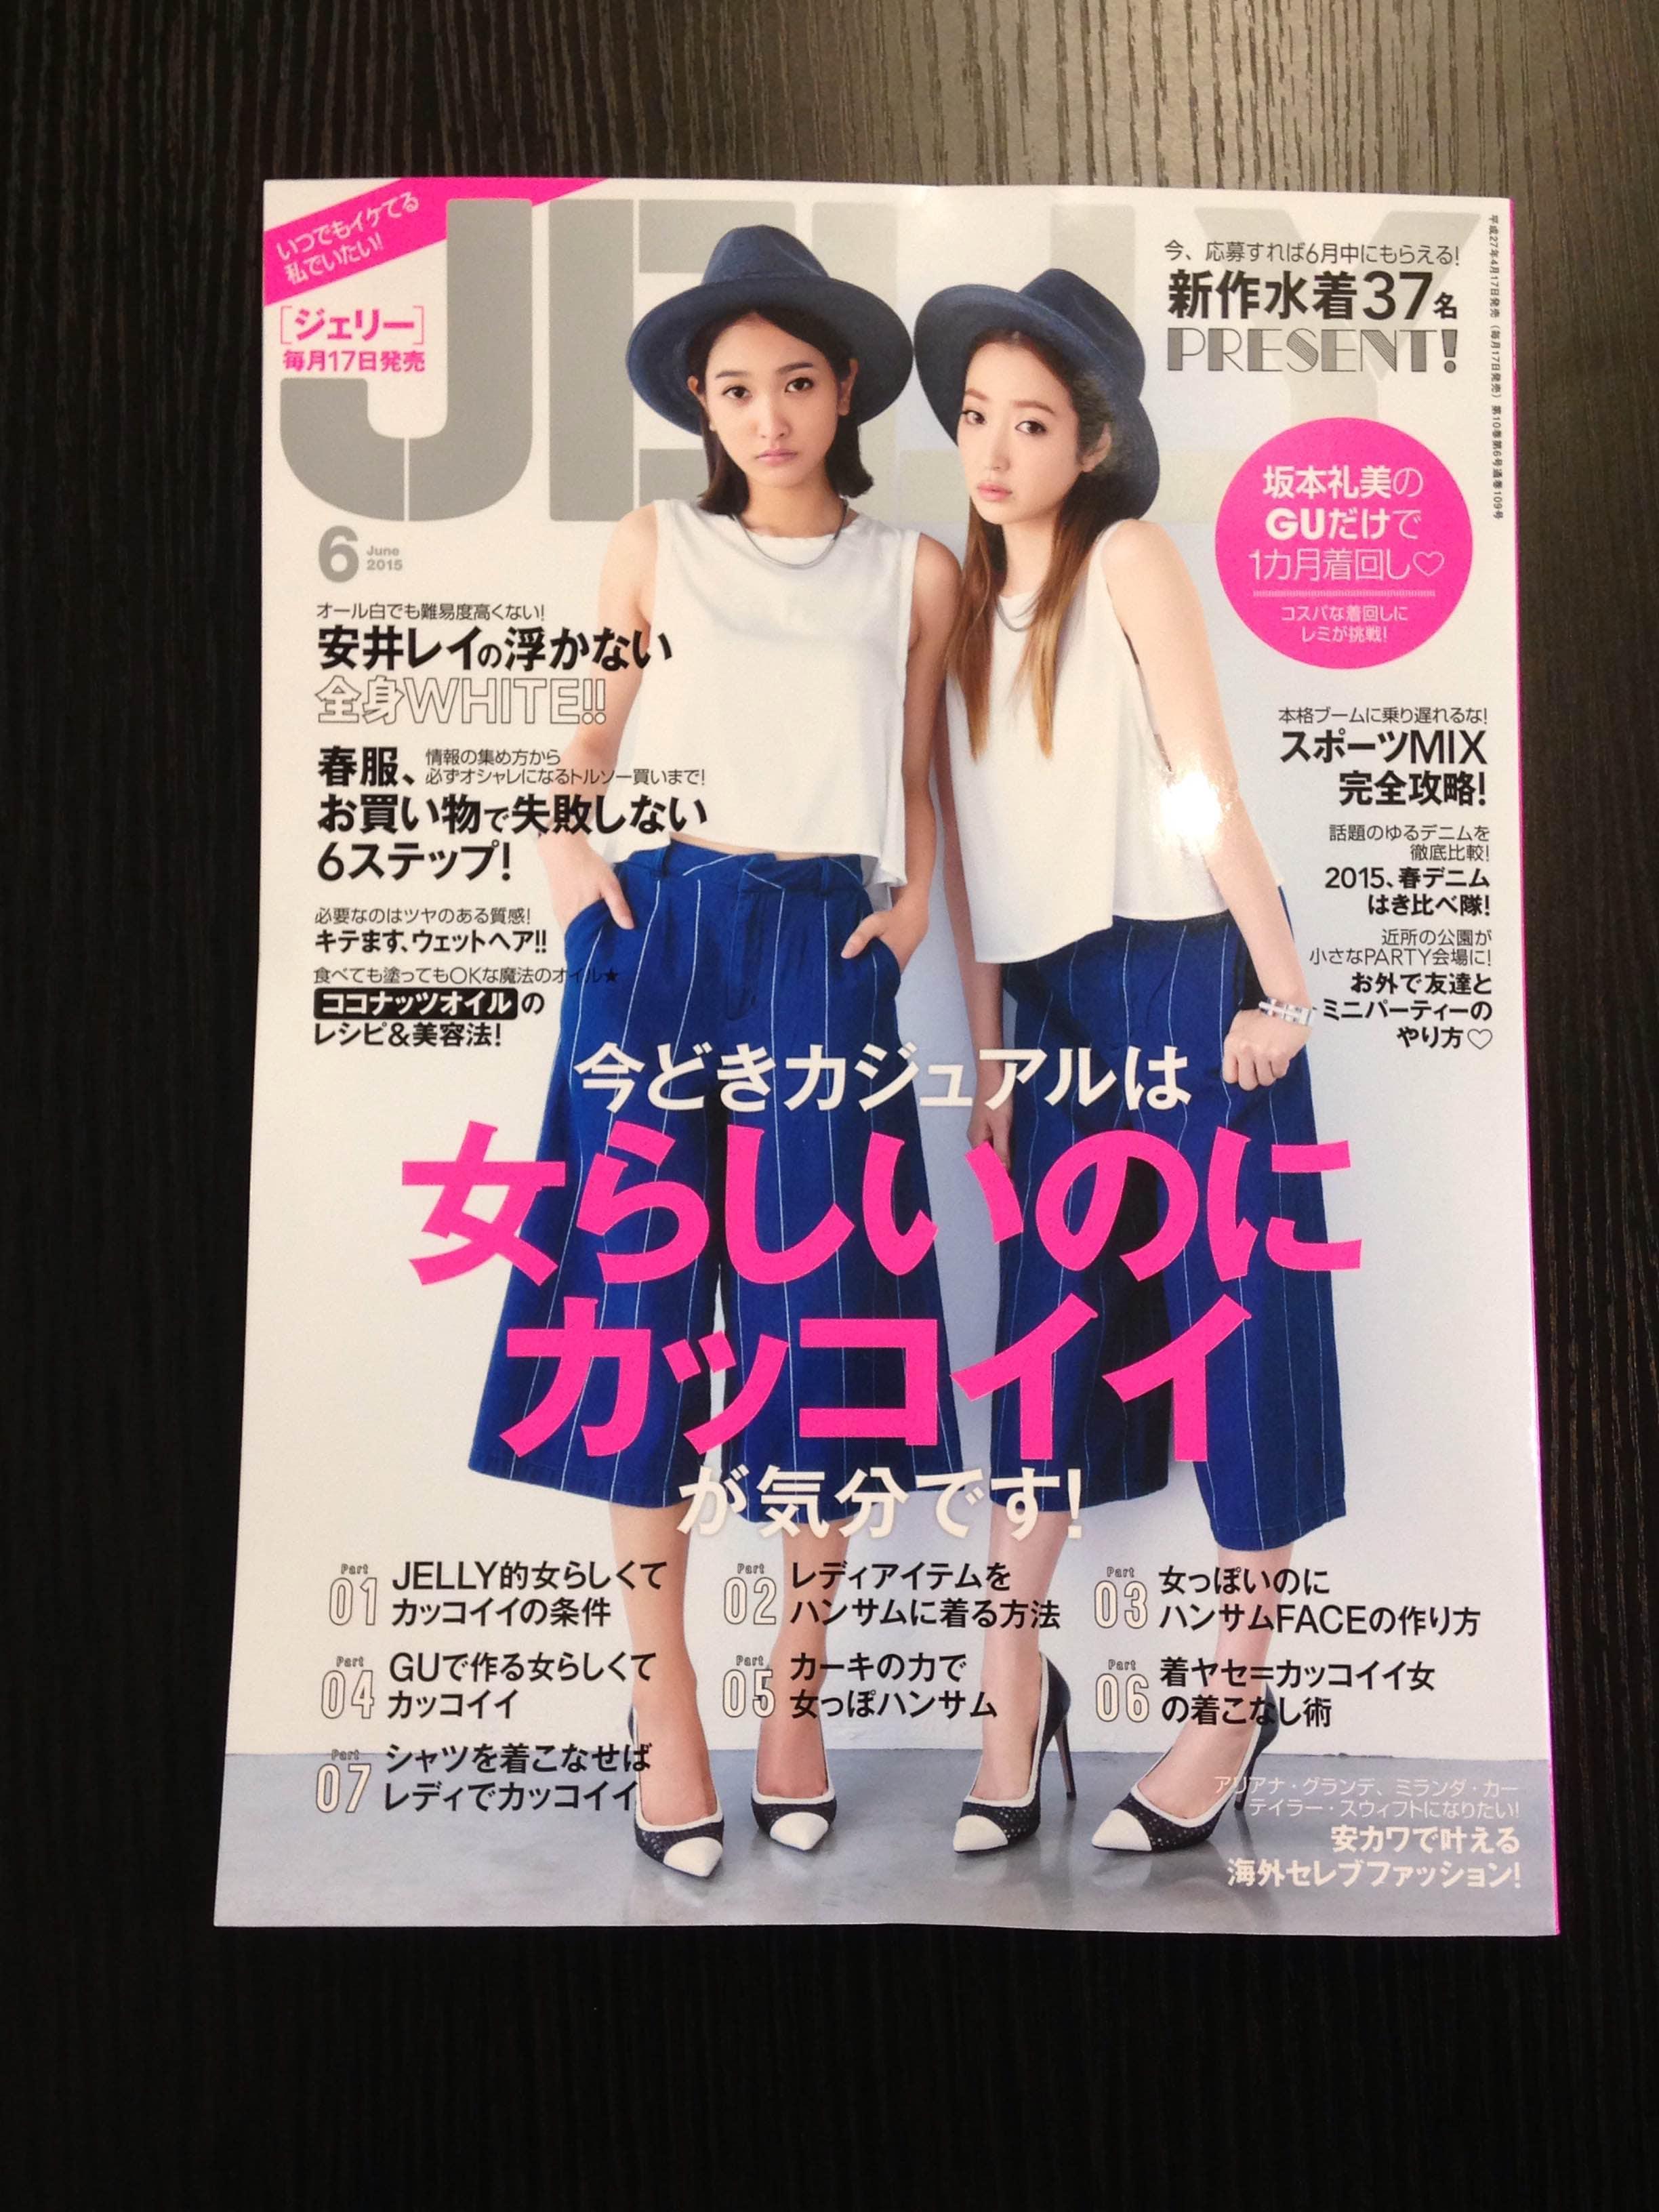 高橋善郎:株式会社ぶんか社様『JELLY 6月号』(4/17発売)で料理監修をしました!